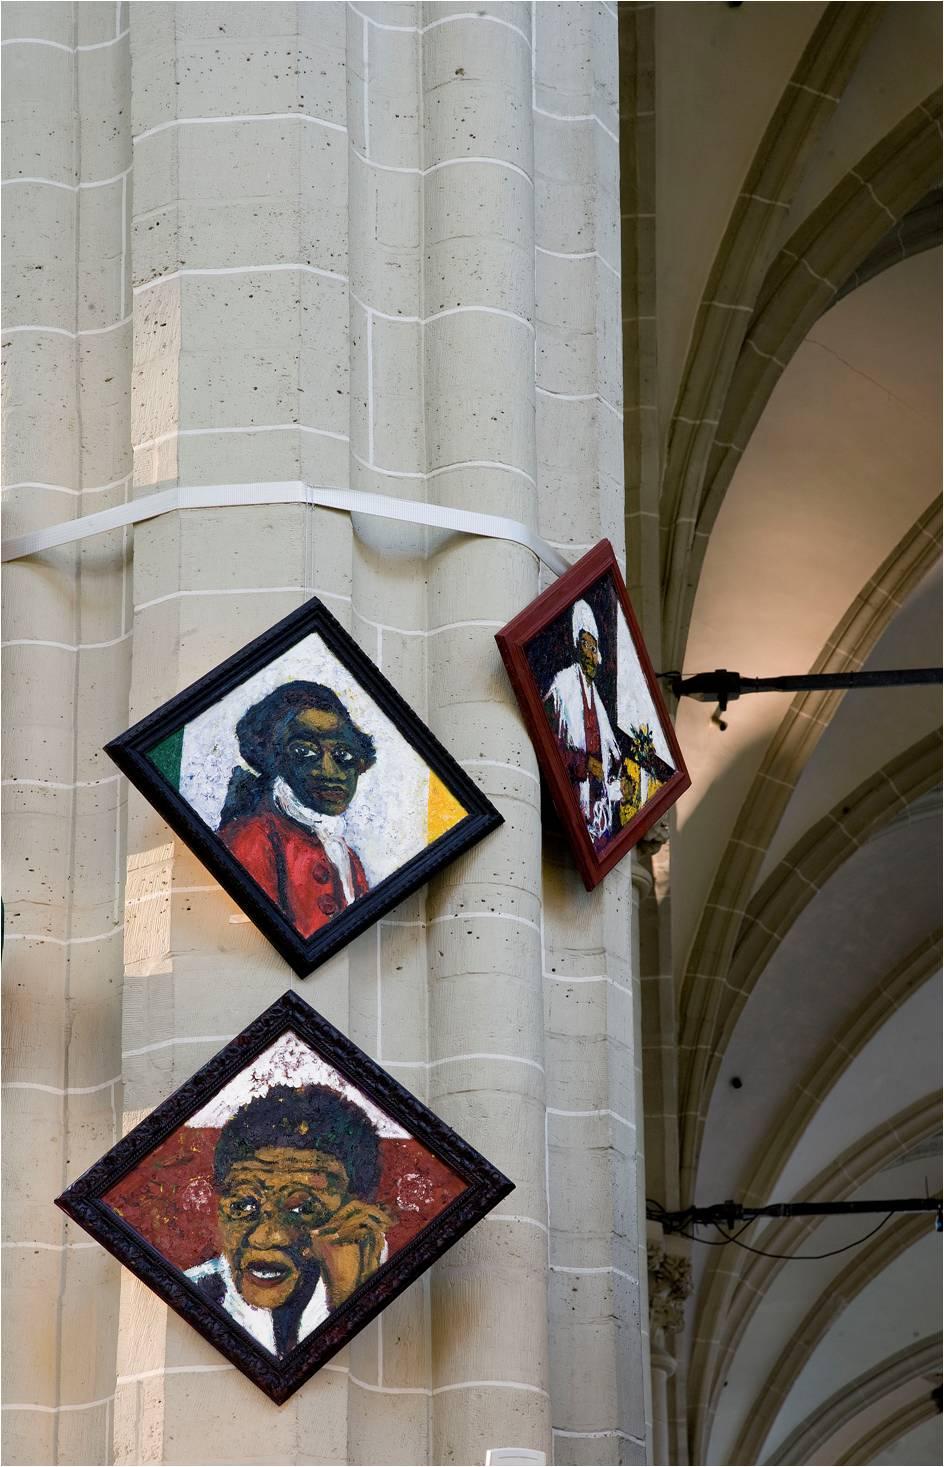 foto Jan van Rooij. Memorietafels Iris Kensmil: Sojourner Truth, 2007/8, Olaudah Equiano 2007/8, Ellen Kuzwayo 2007/8